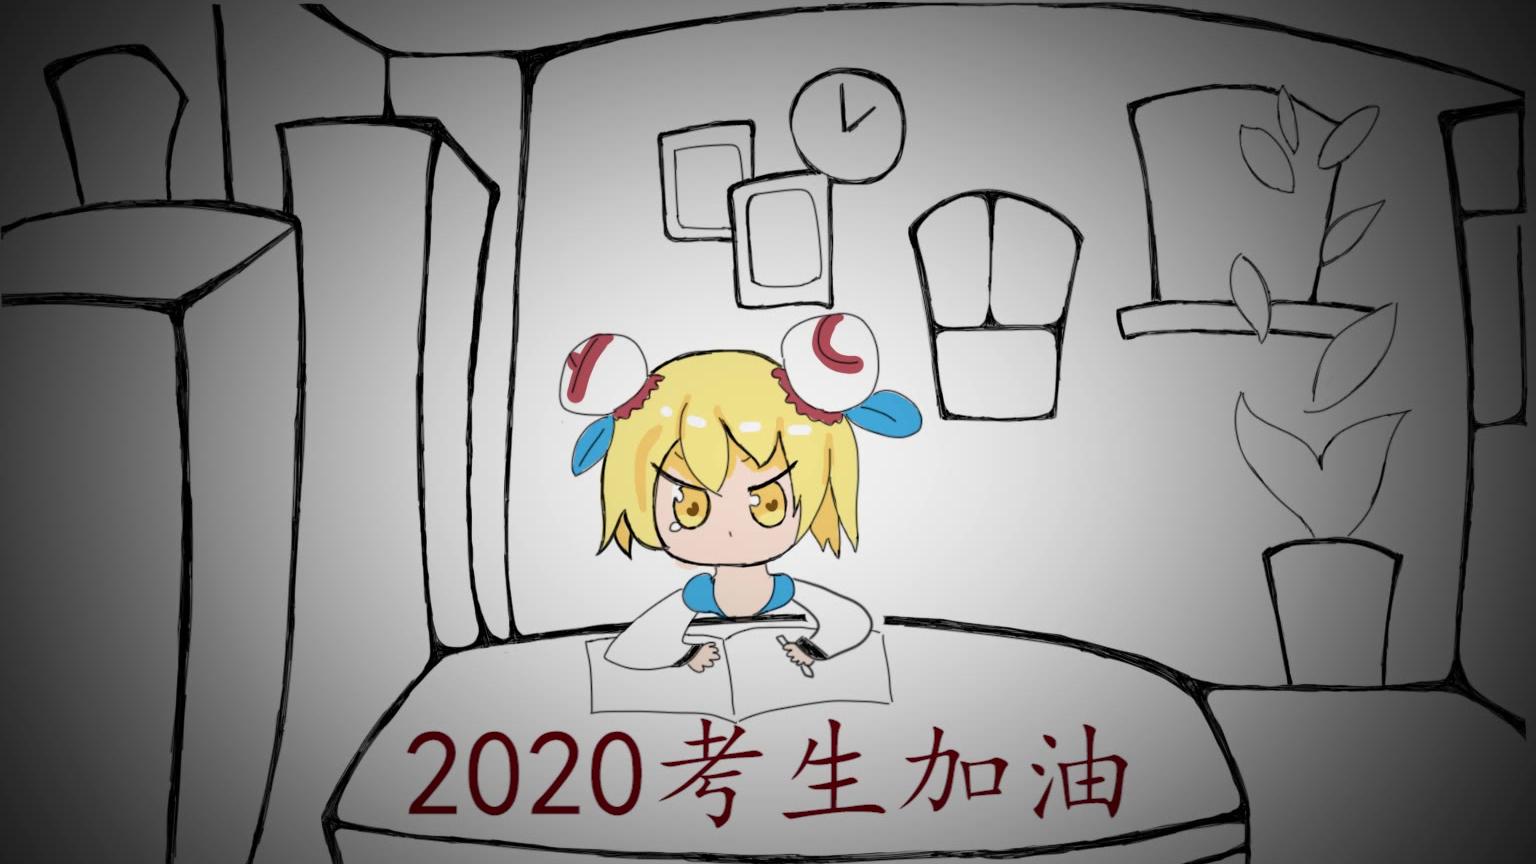 【2020高考应援】和ac娘一起做一个无情的学习机器吧